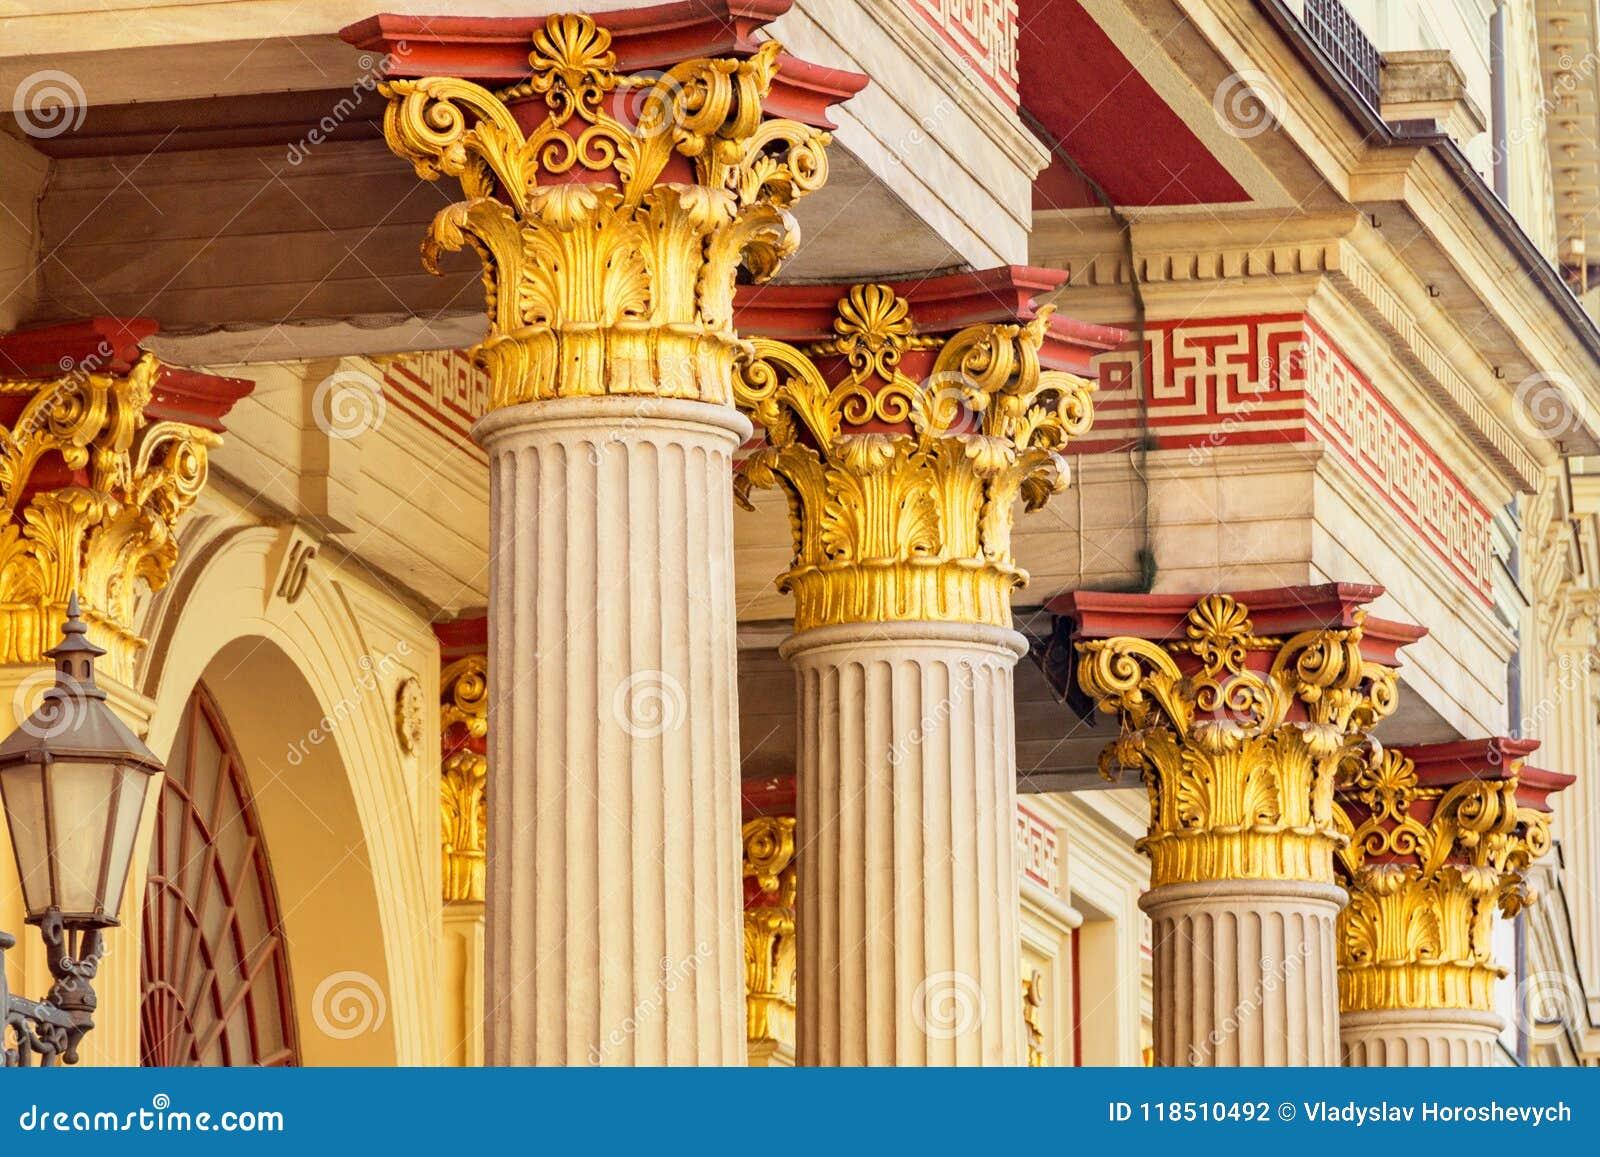 Φωτεινές στήλες του κτηρίου, παλαιό προαύλιο, επιχρυσωμένη κόλα